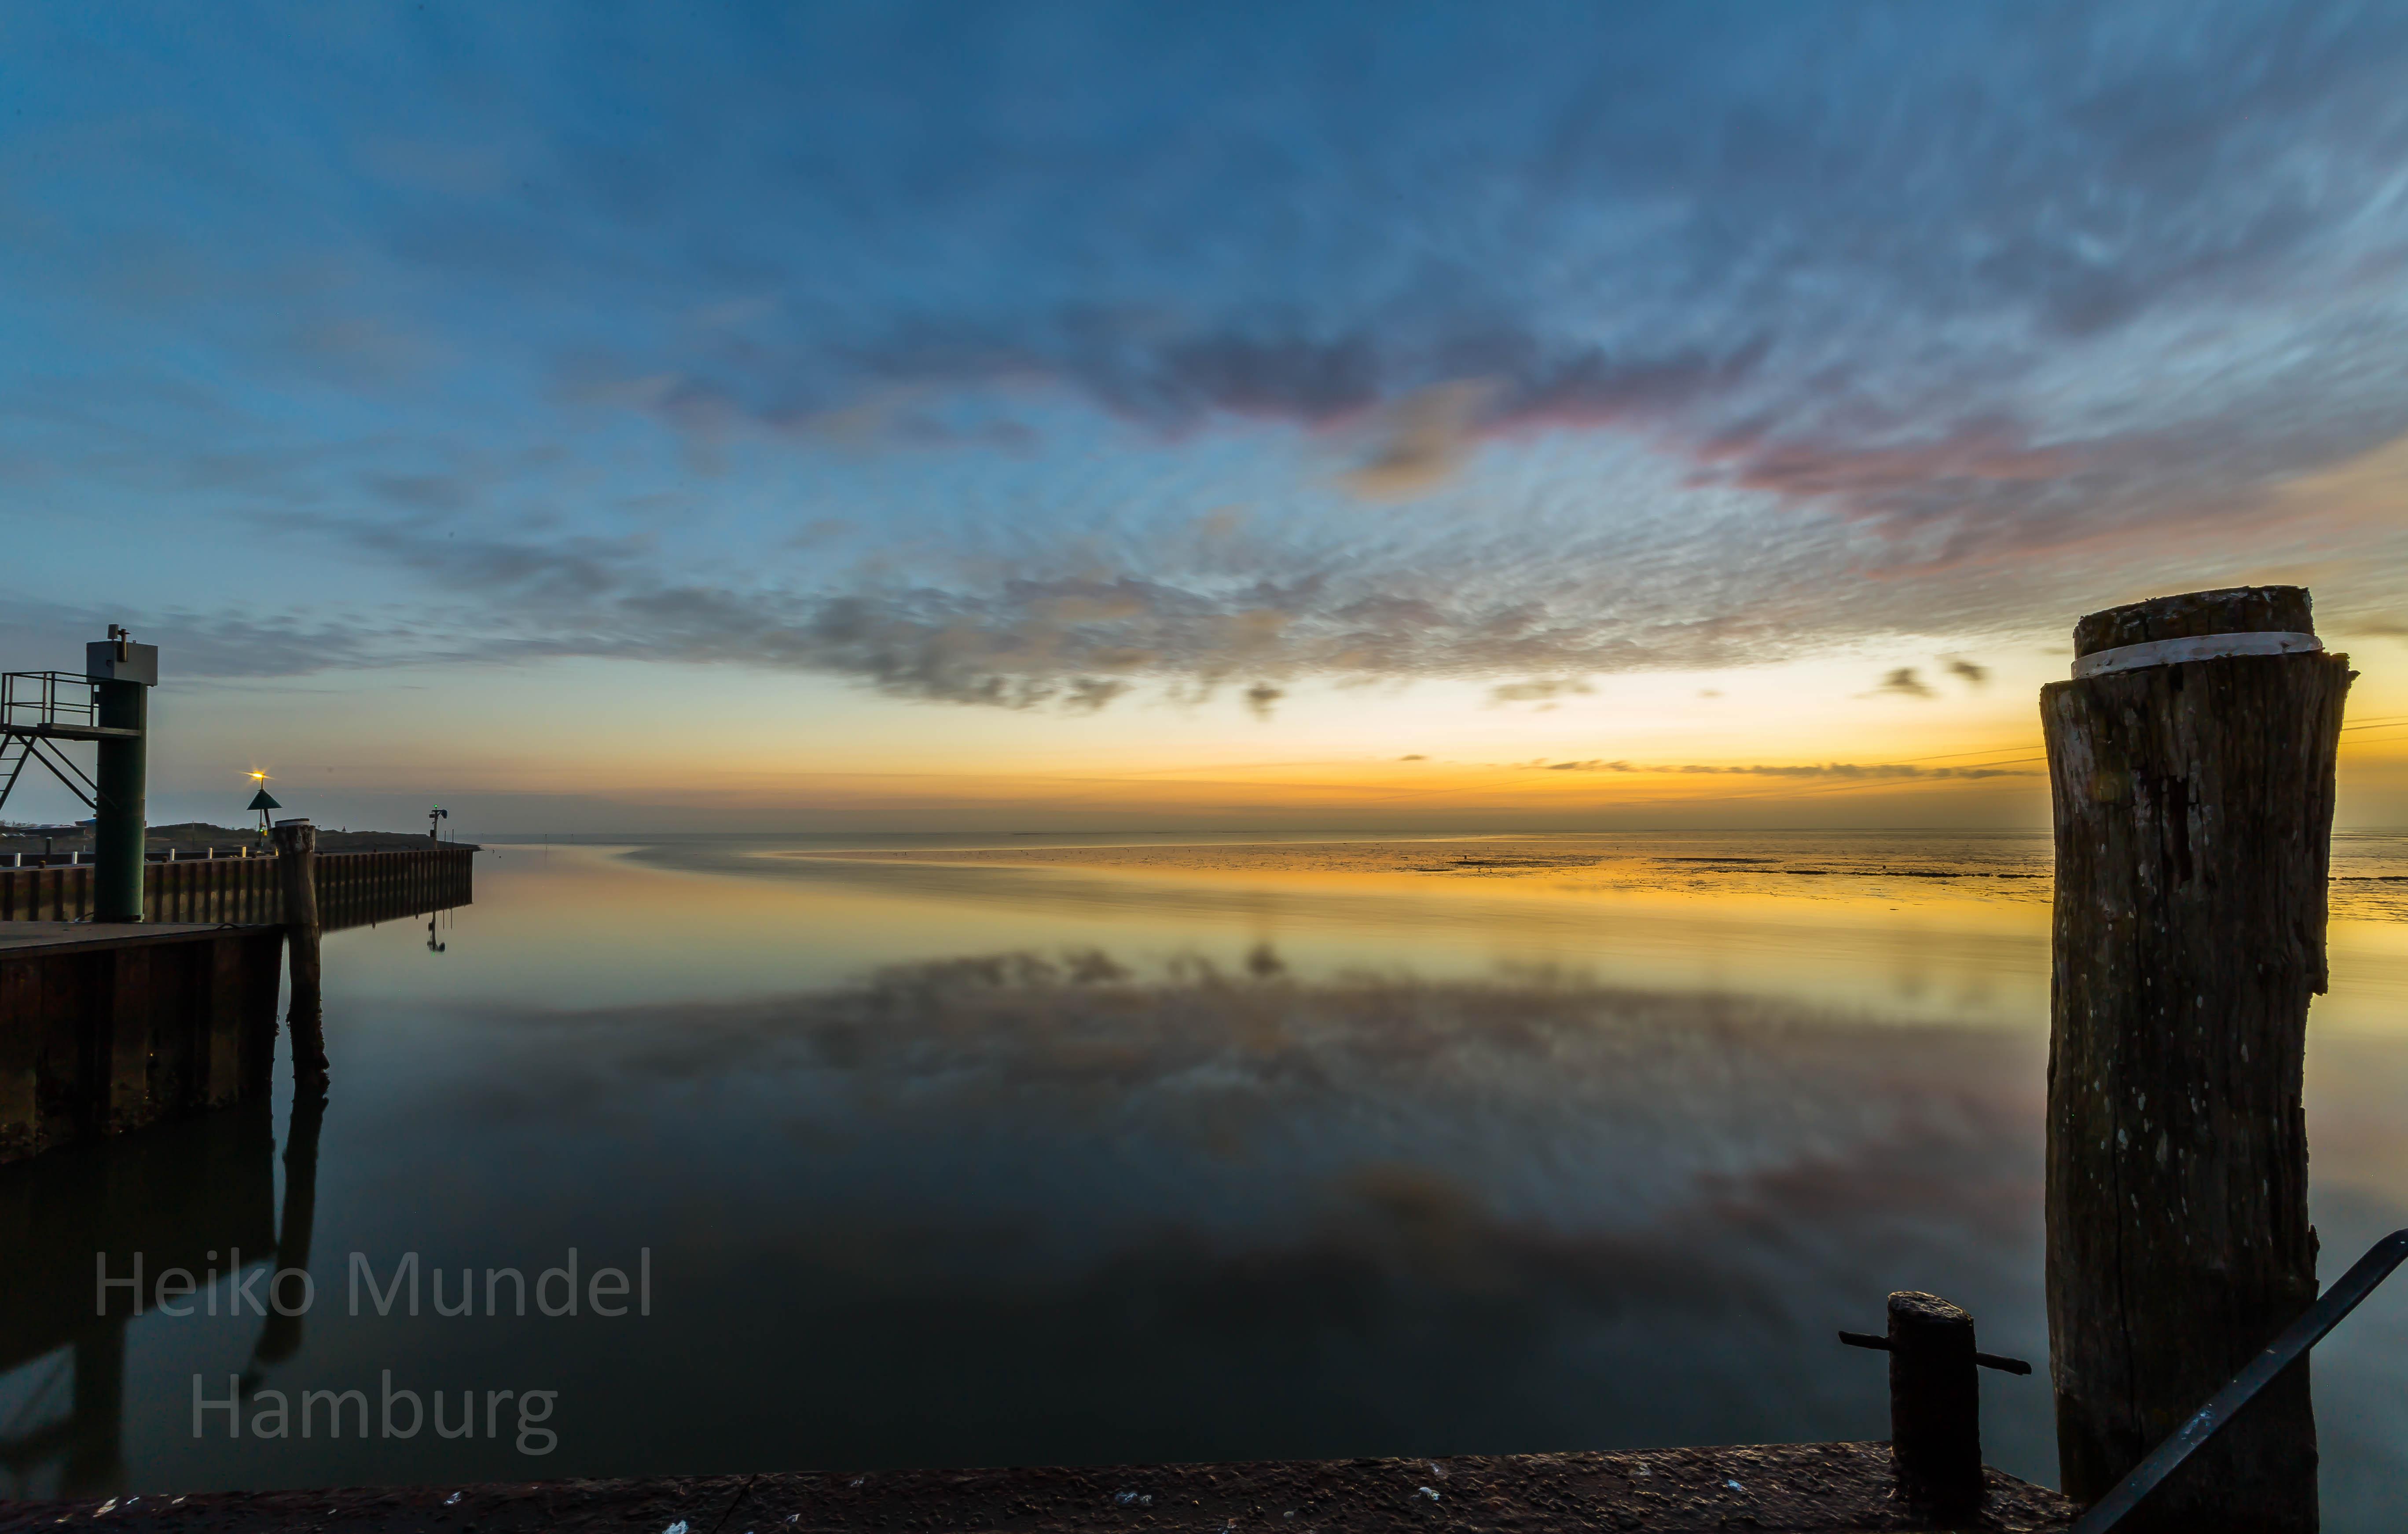 Sonnenaufgang in Munkmarsch, Sylt